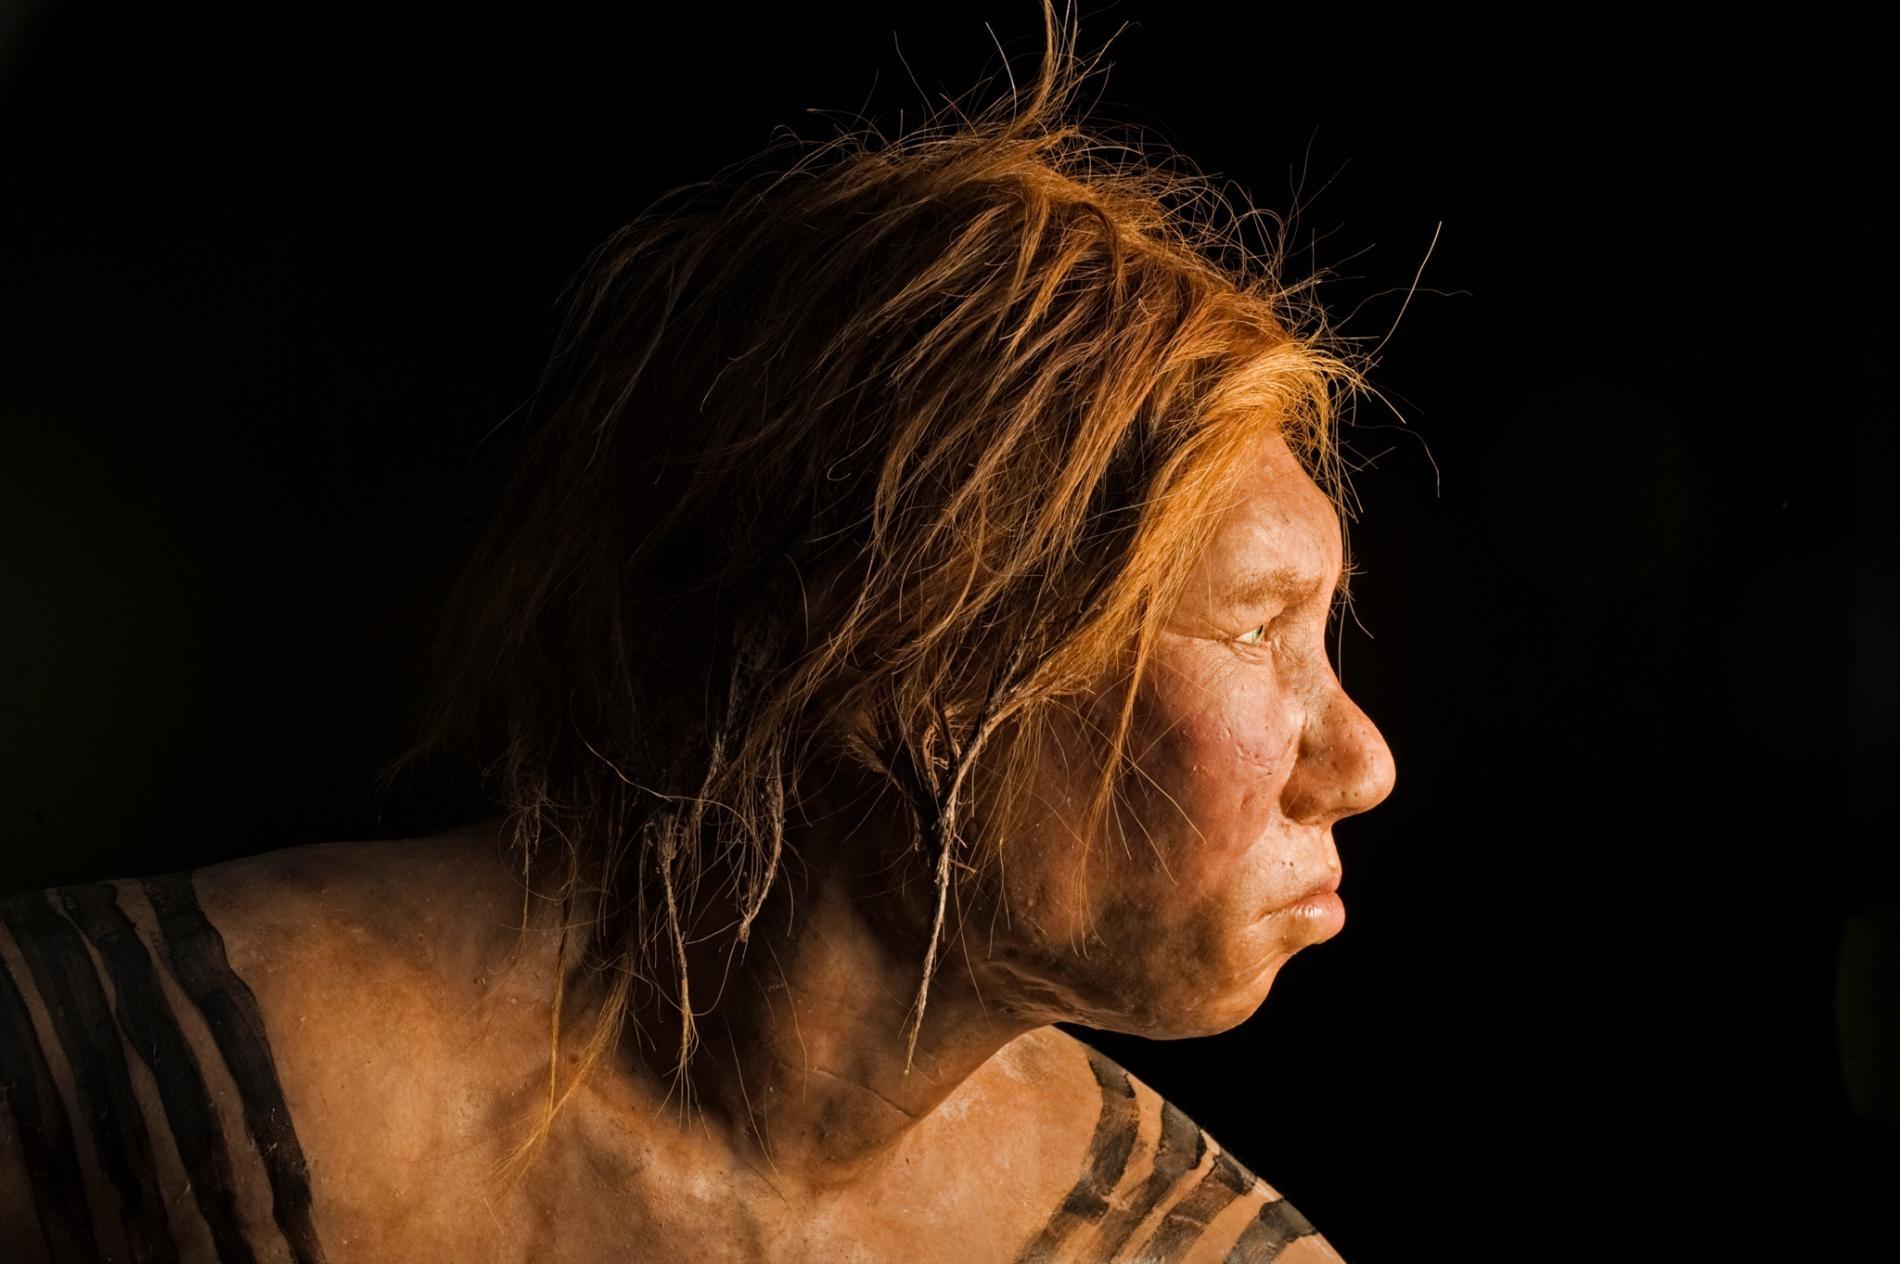 隨著科學家從廣泛的非洲人口中發現尼安德塔人(Neanderthal)祖源,目前所有曾被研究過的人群身上都已找到古老的混種痕跡。新研究在強調過去之複雜的同時也凸顯出我們共同的歷史。PHOTOGRAPH BY JOE MCNALLY, NAT GEO IMAGE COLLECTION